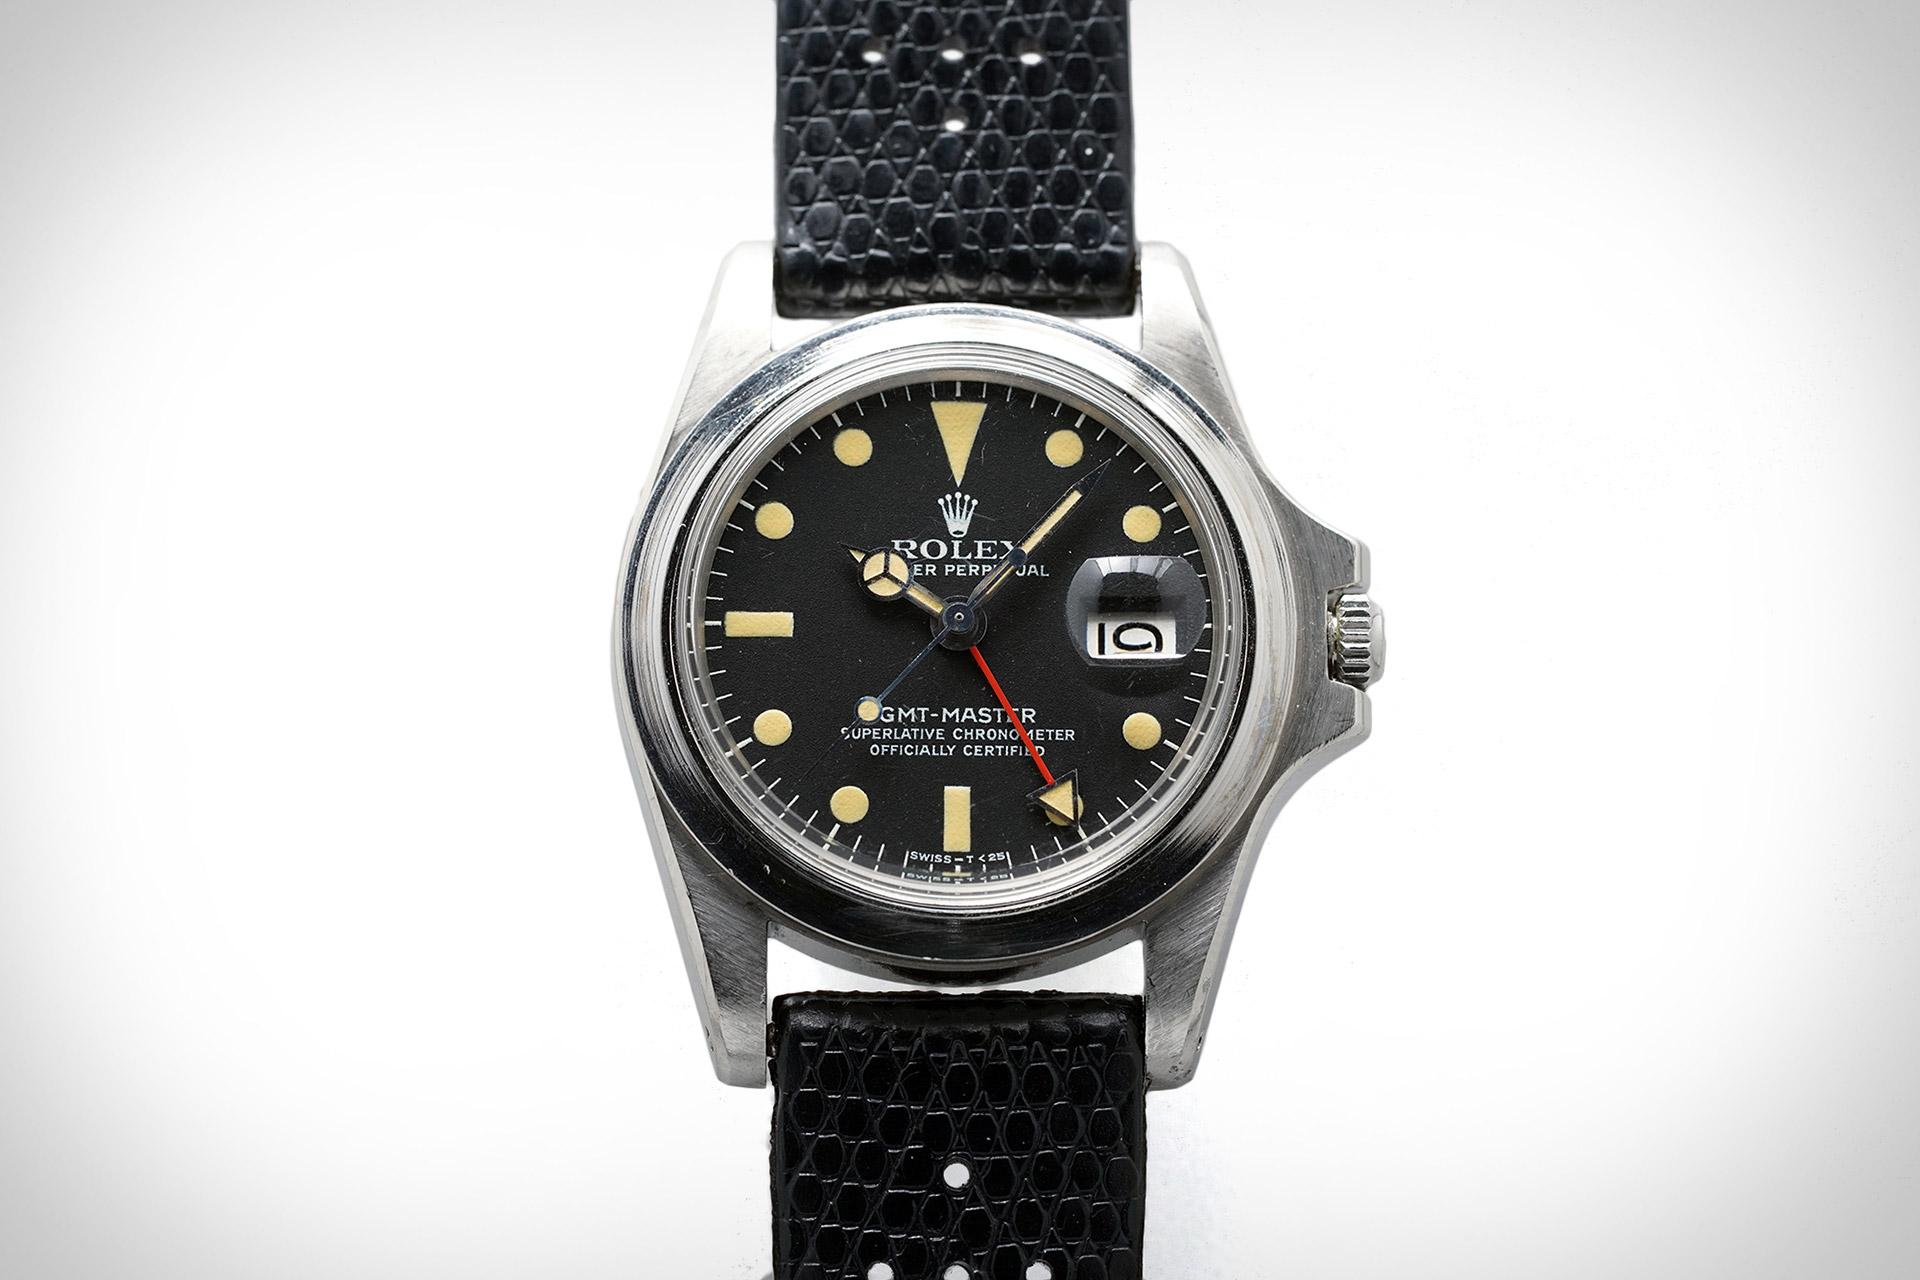 Marlon Brando's Apocalypse Now Rolex GMT-Master Watch